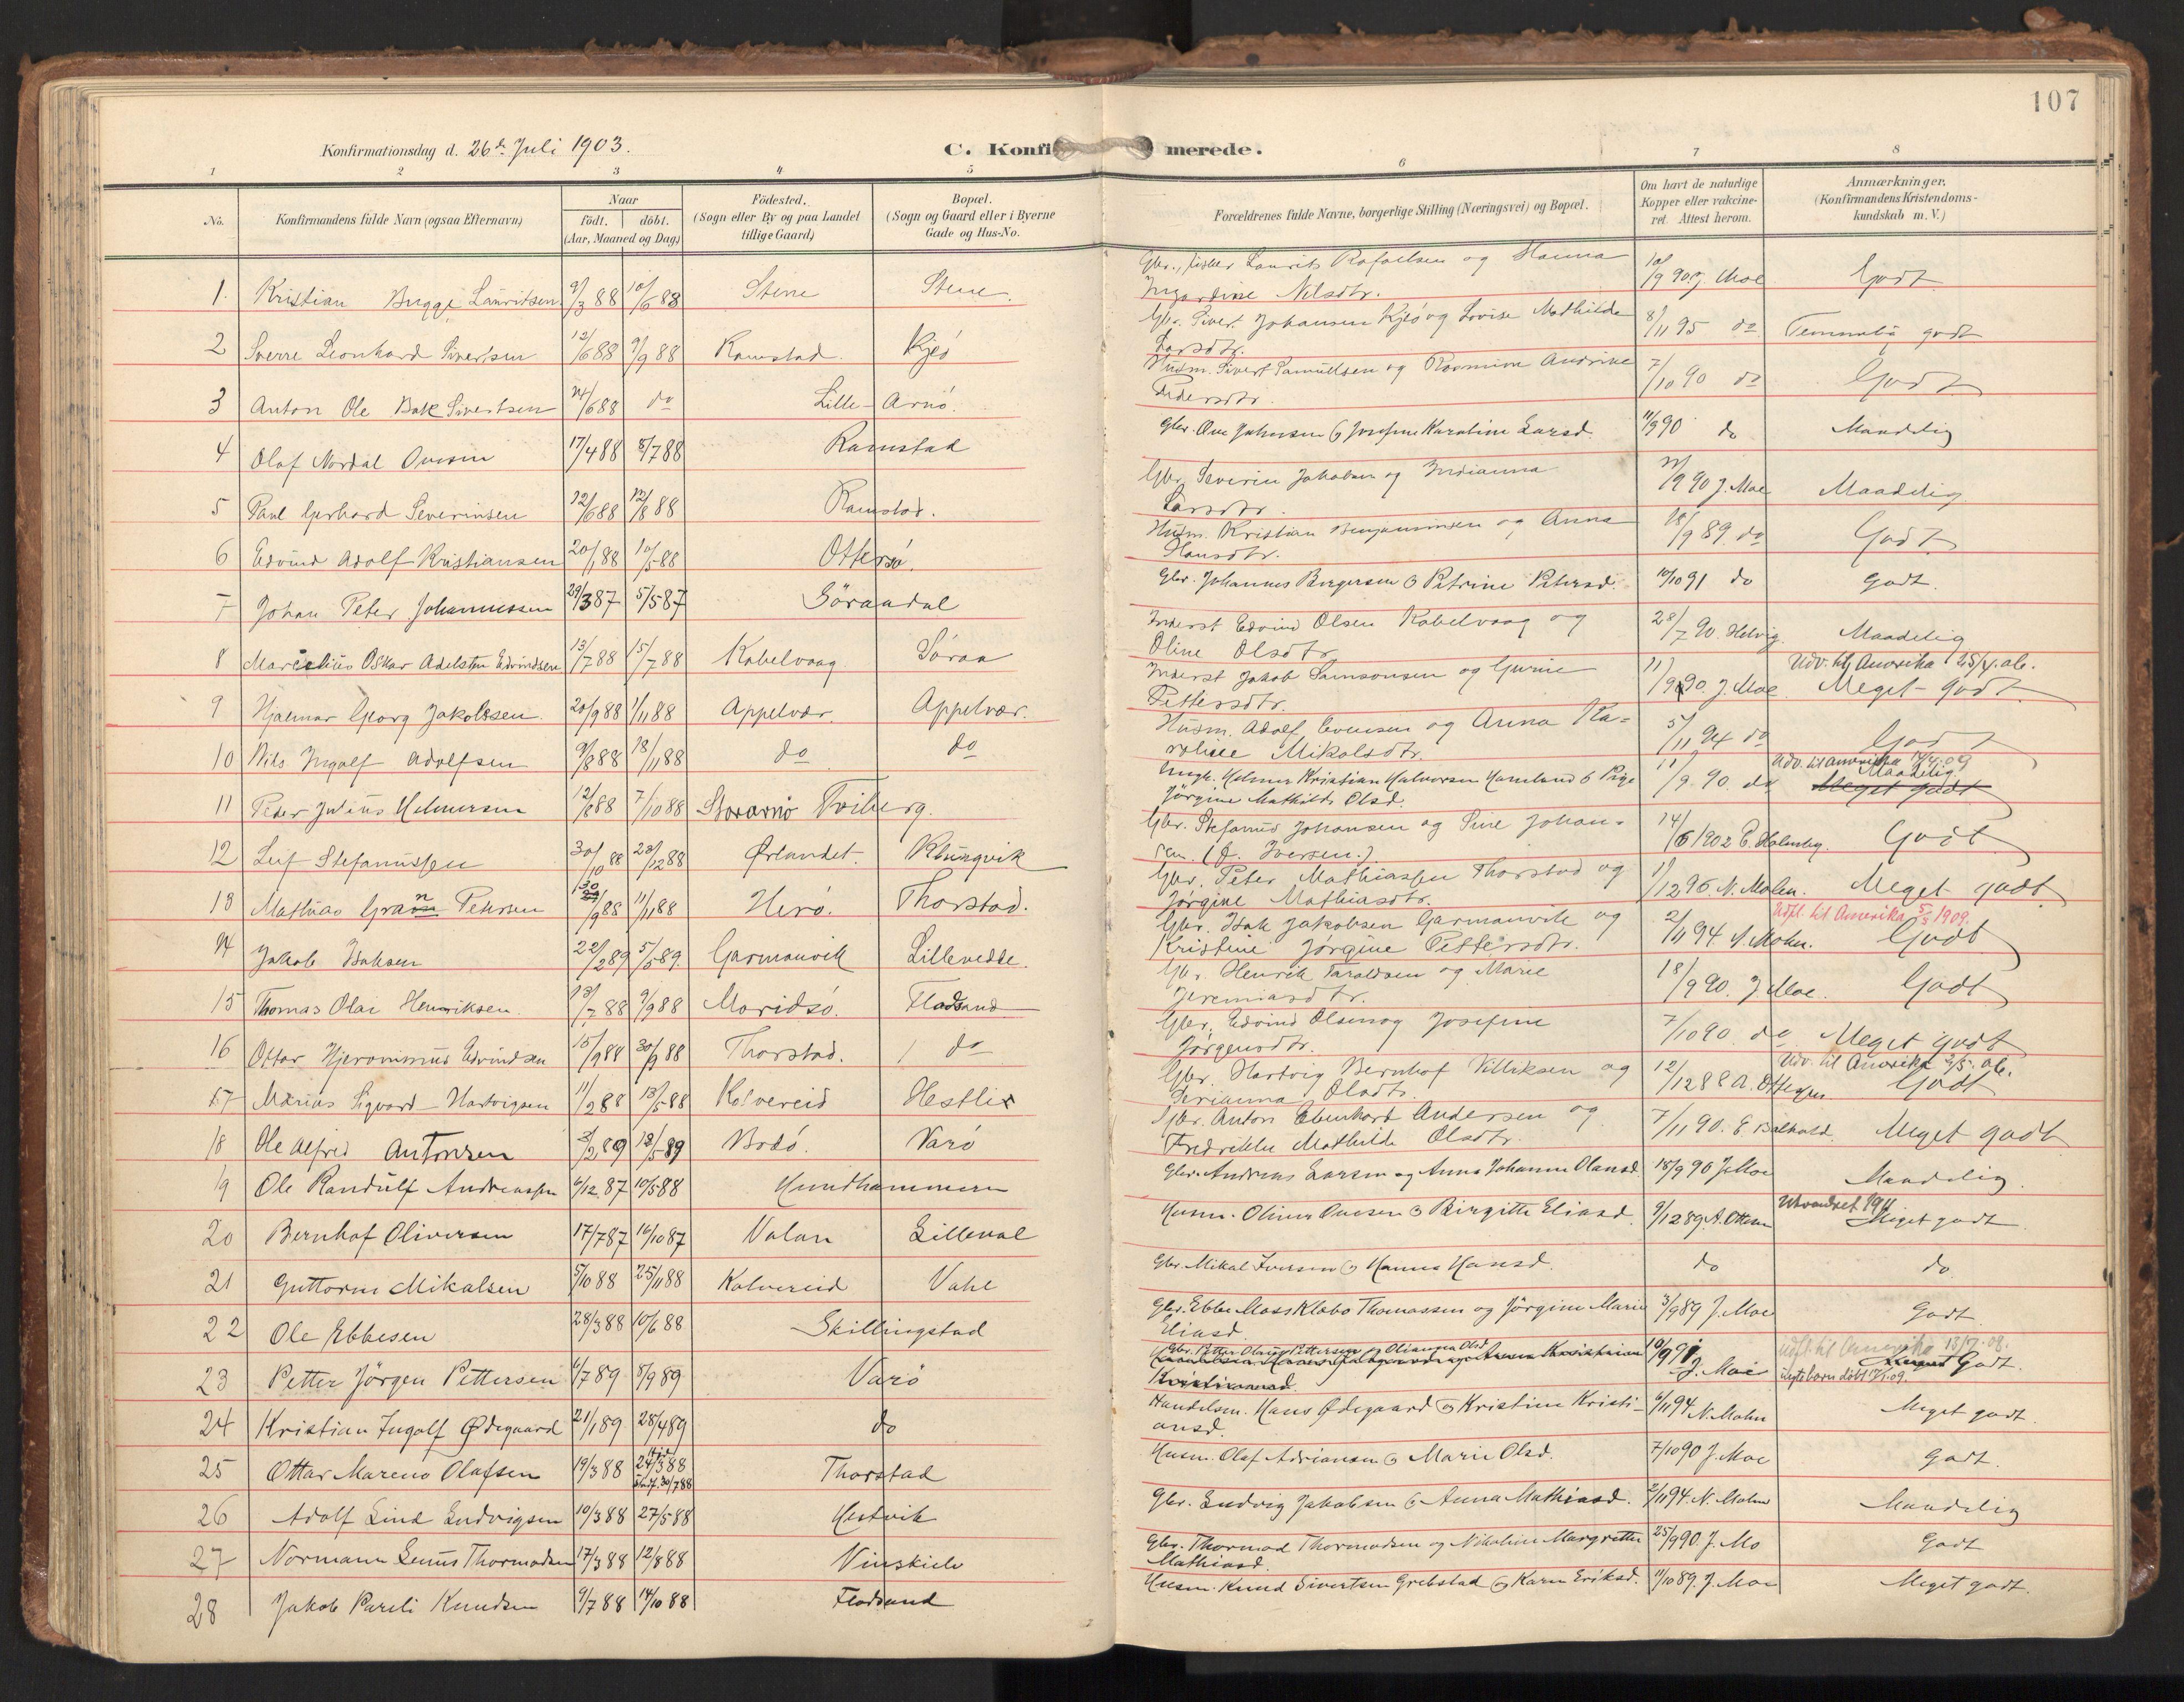 SAT, Ministerialprotokoller, klokkerbøker og fødselsregistre - Nord-Trøndelag, 784/L0677: Ministerialbok nr. 784A12, 1900-1920, s. 107